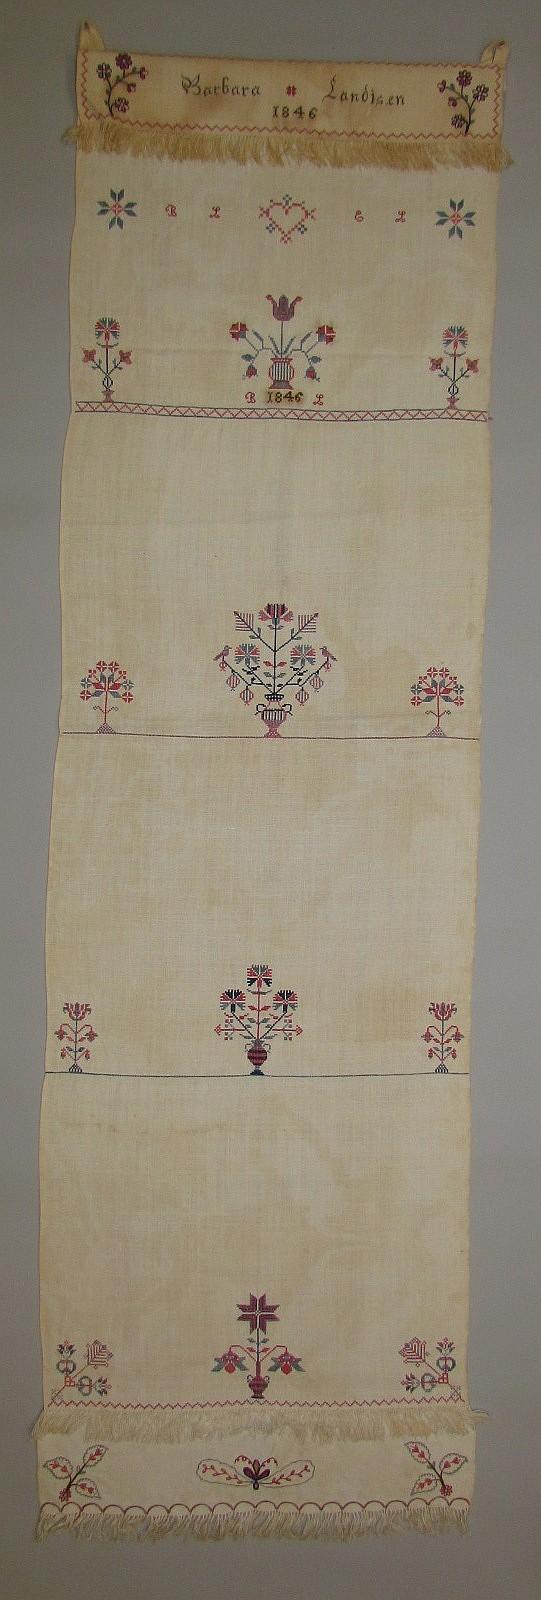 Decorated homespun hand towel, Barbara Landisen 1846, BL EL